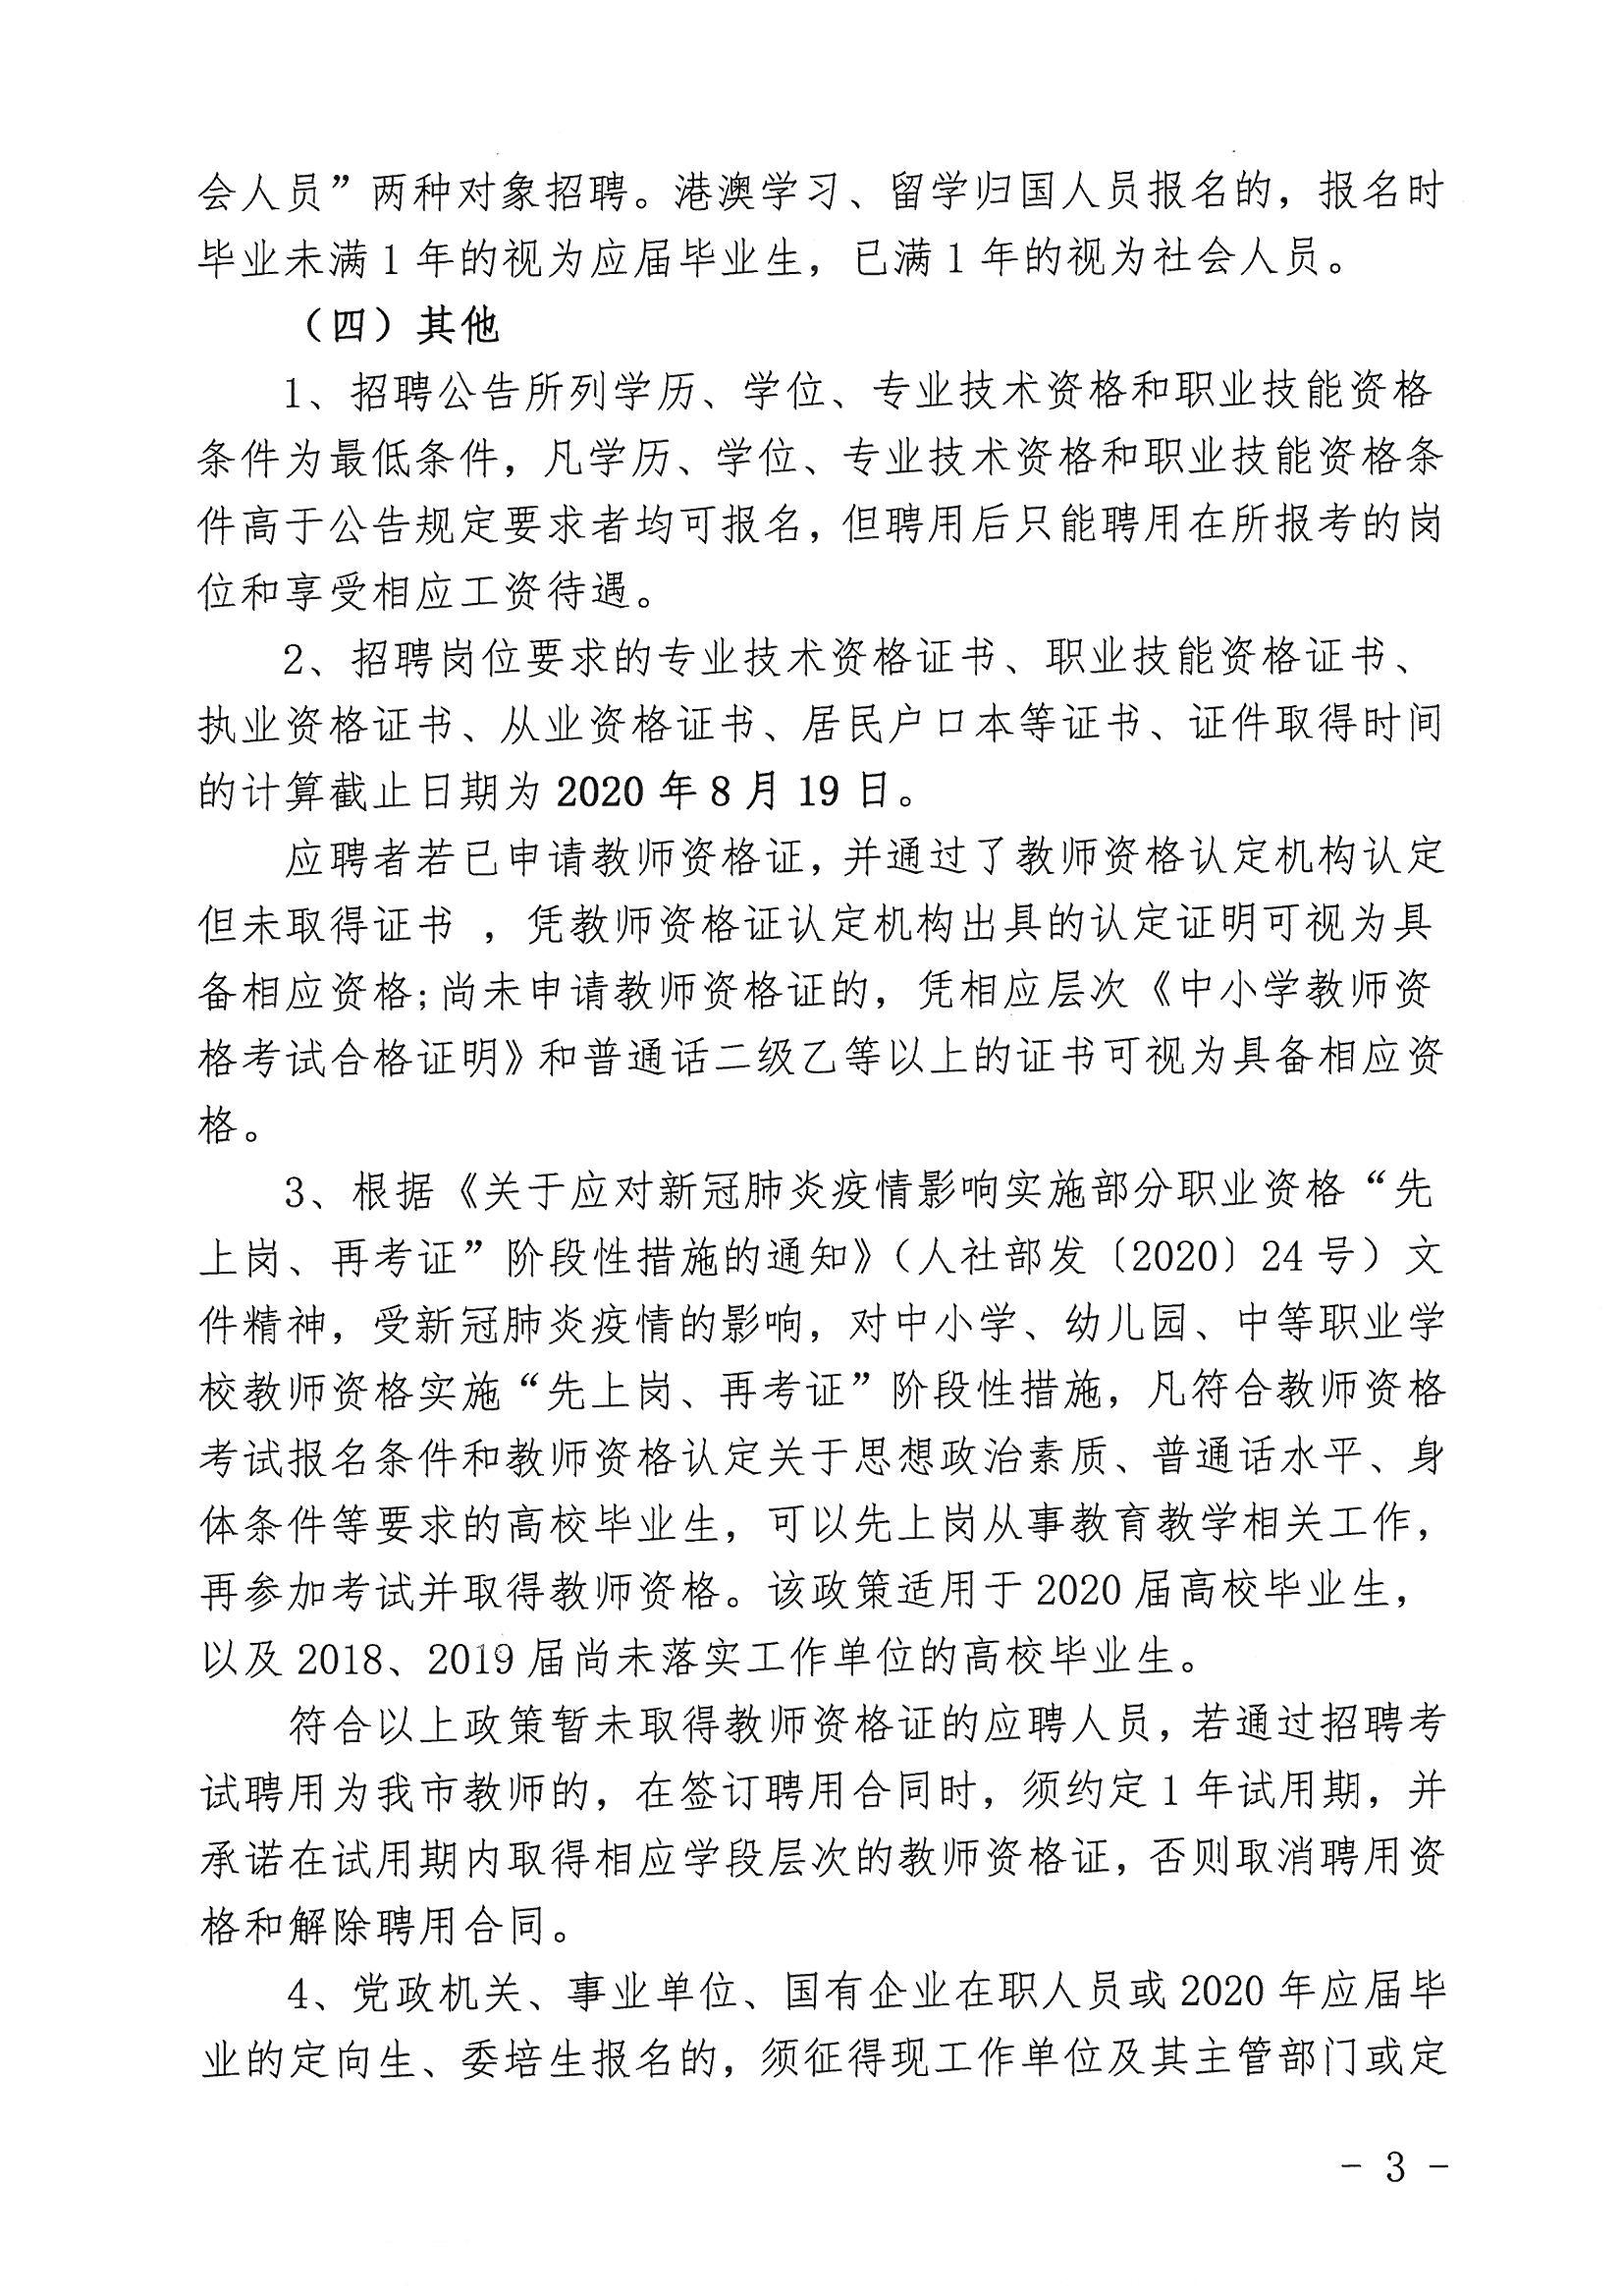 2020年江门开平市教育系统事业单位招聘教师公告图3